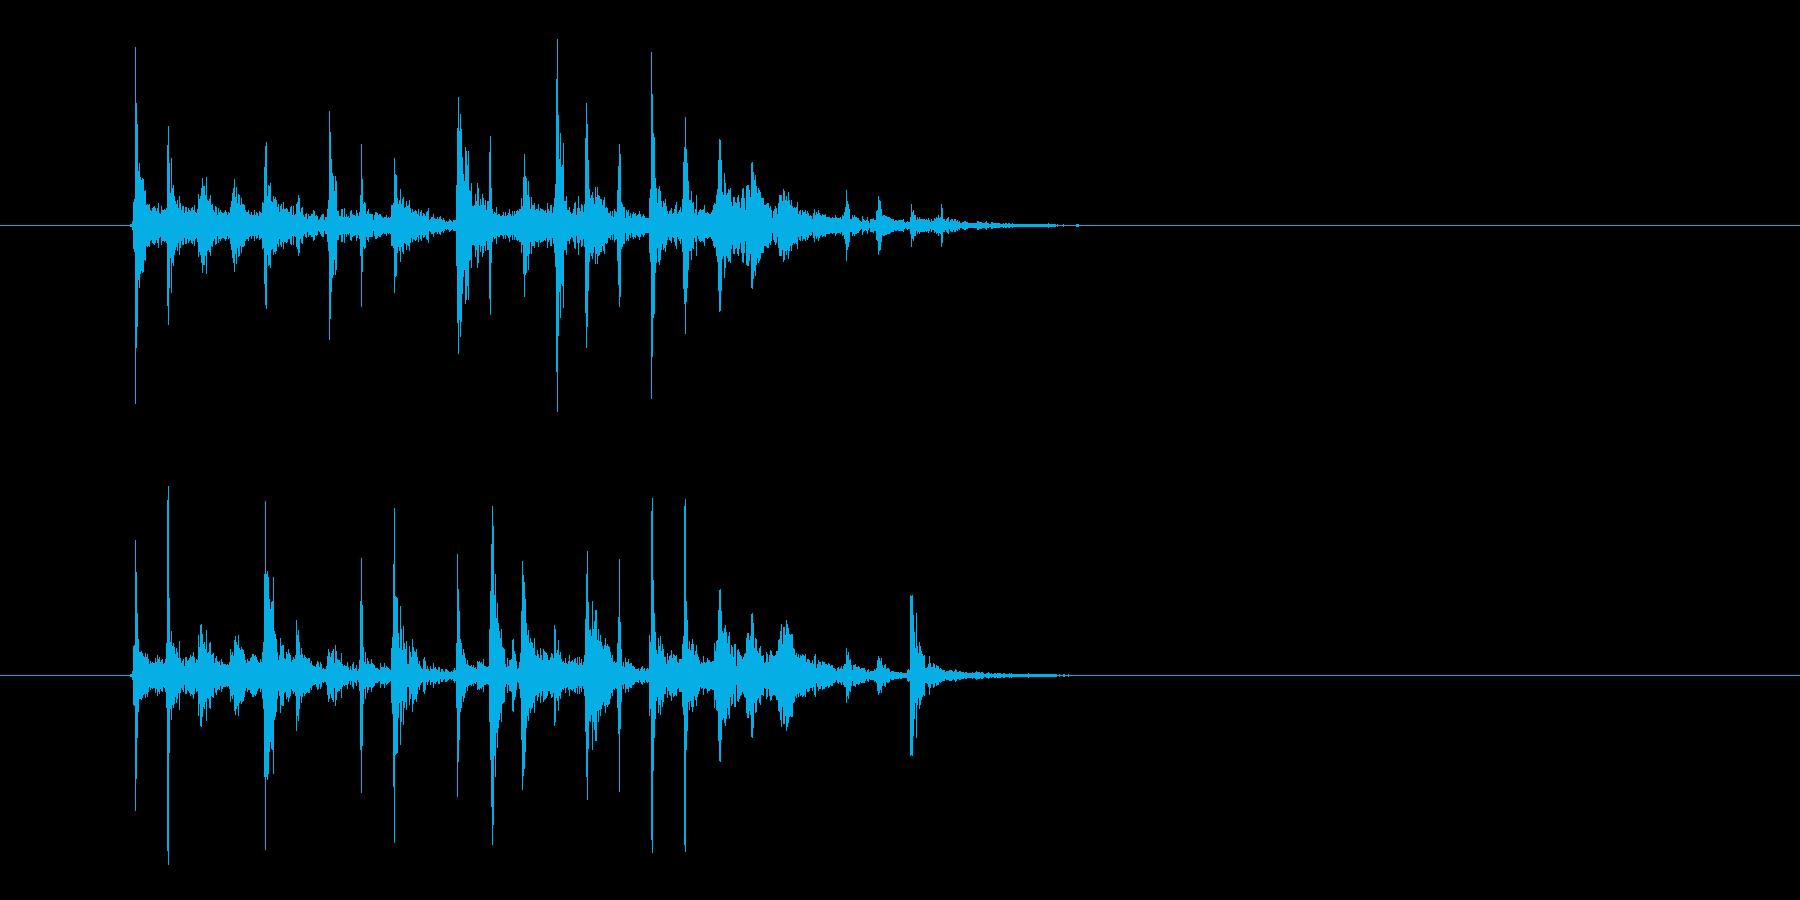 パーカッションによるショートジングルの再生済みの波形